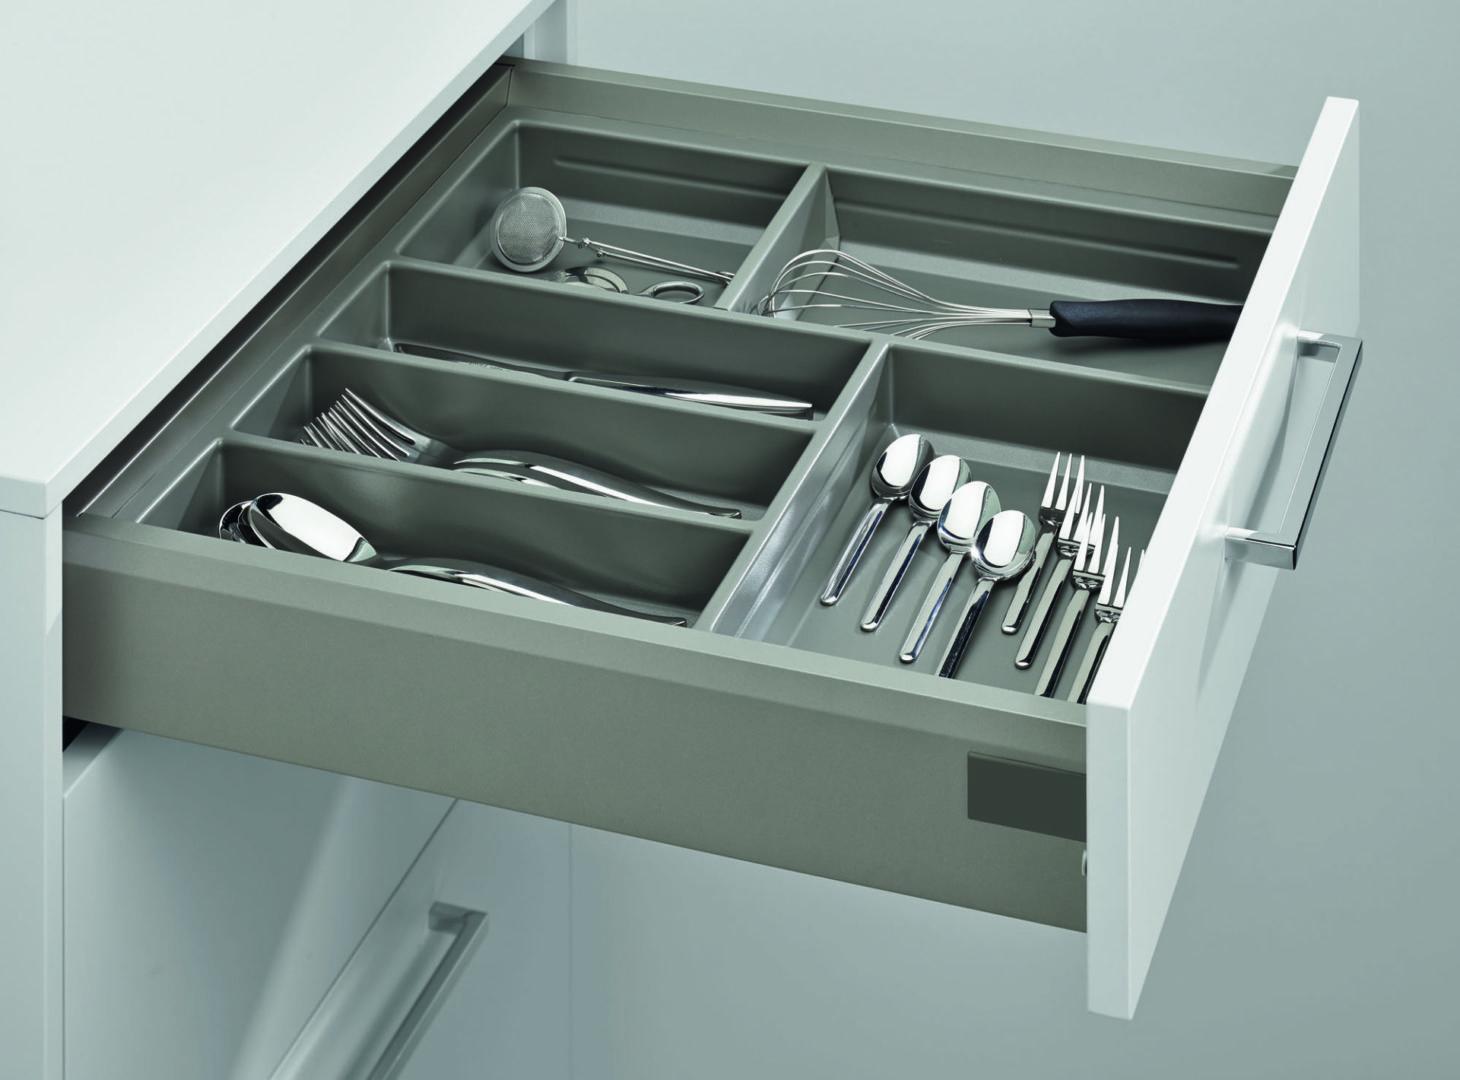 pn SK 1 scaled - Accessori cucina